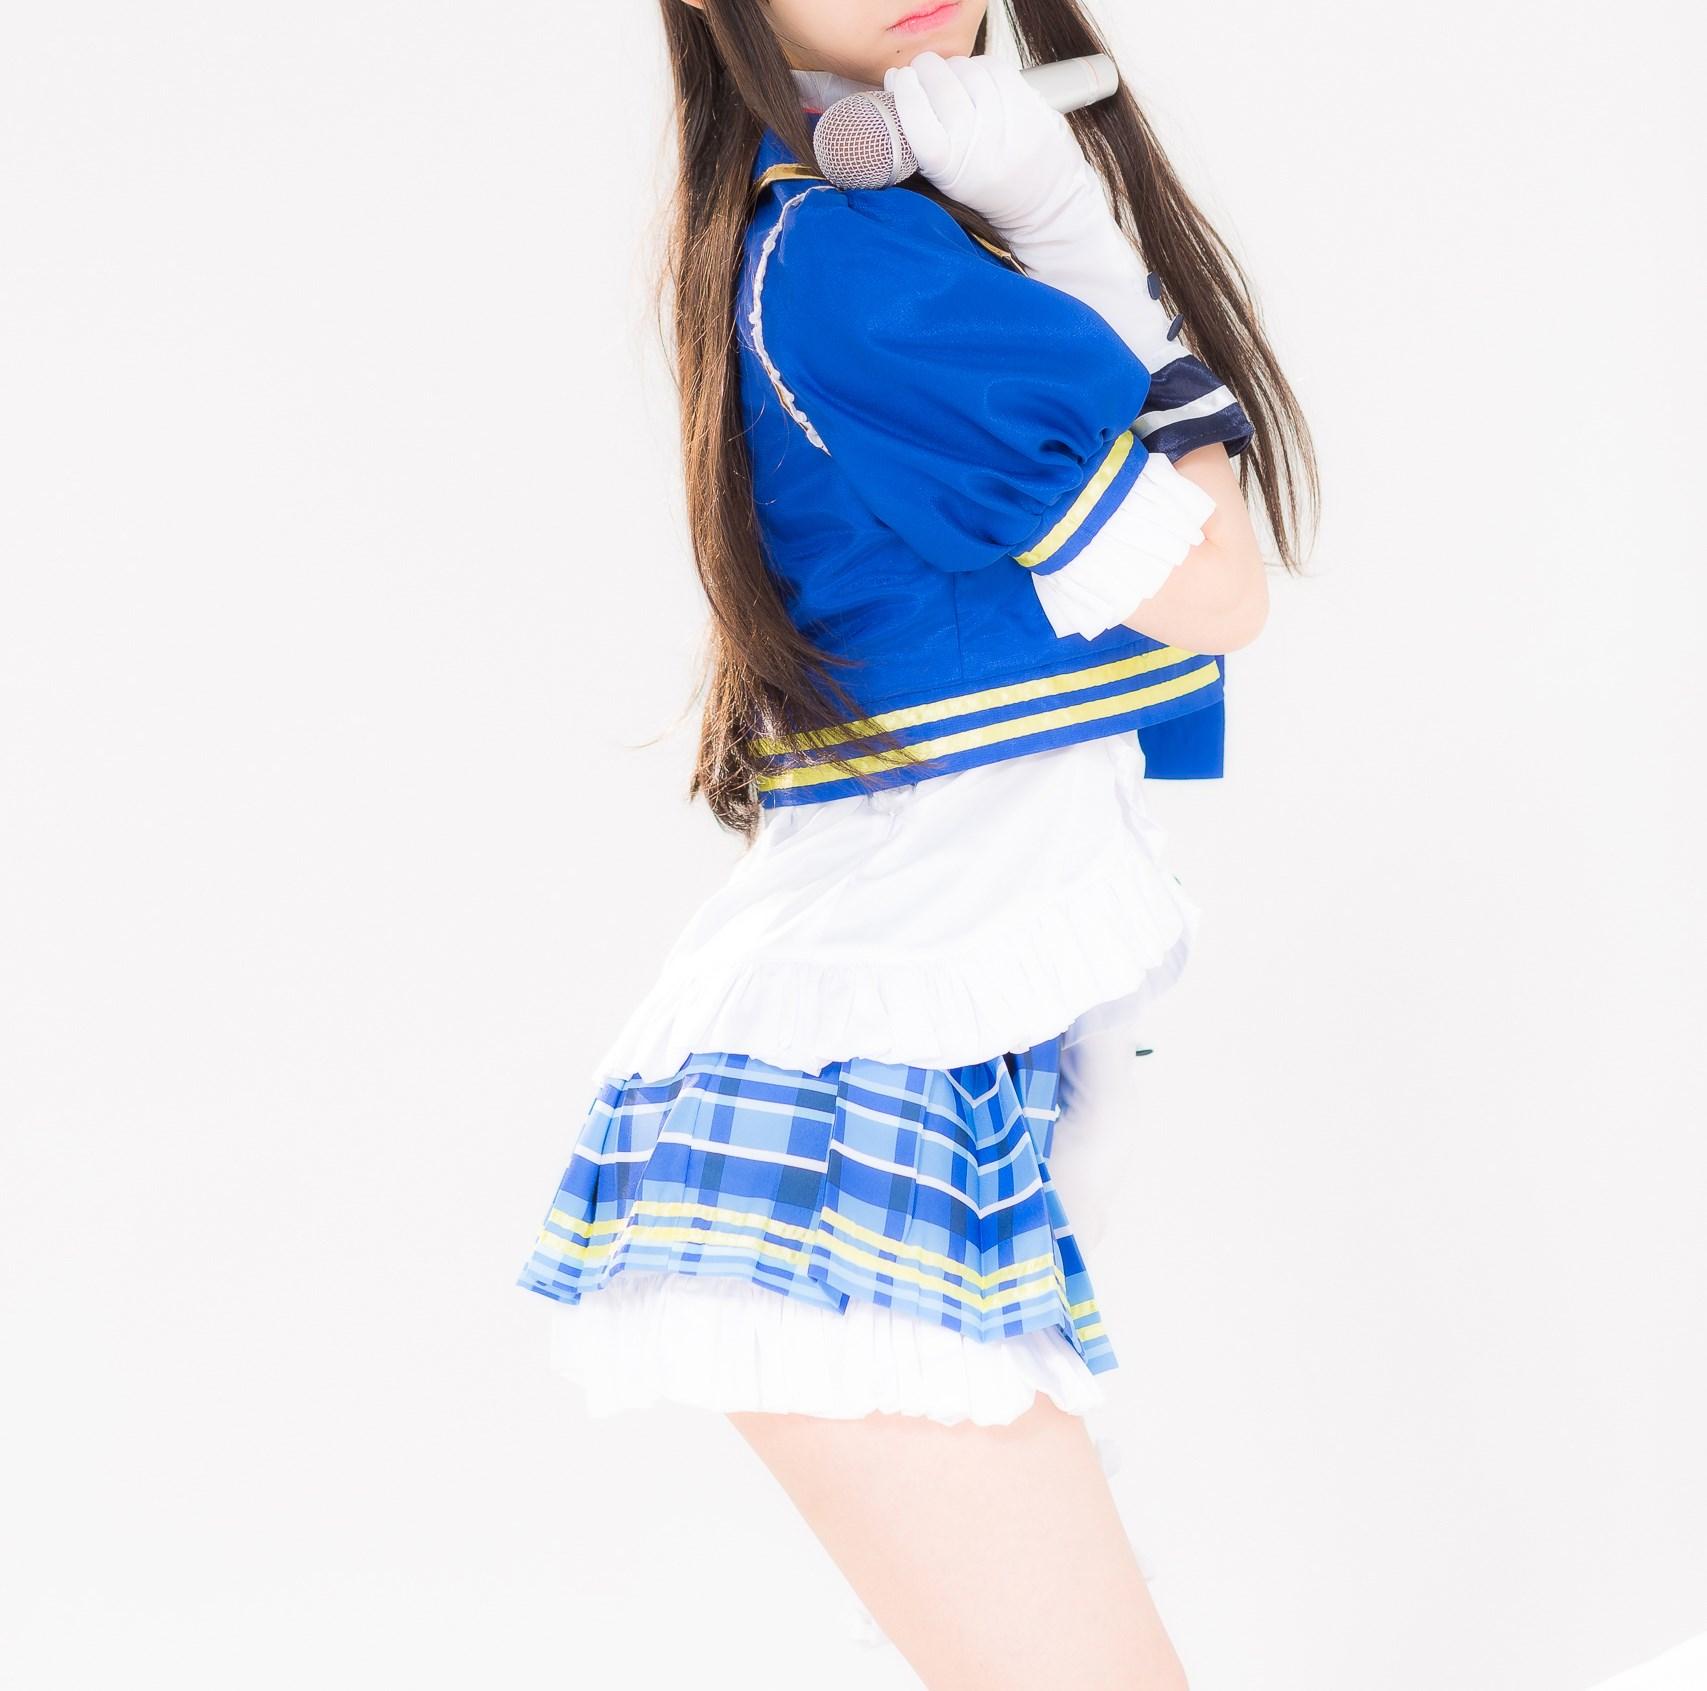 【兔玩映画】少女制服爱豆 兔玩映画 第37张